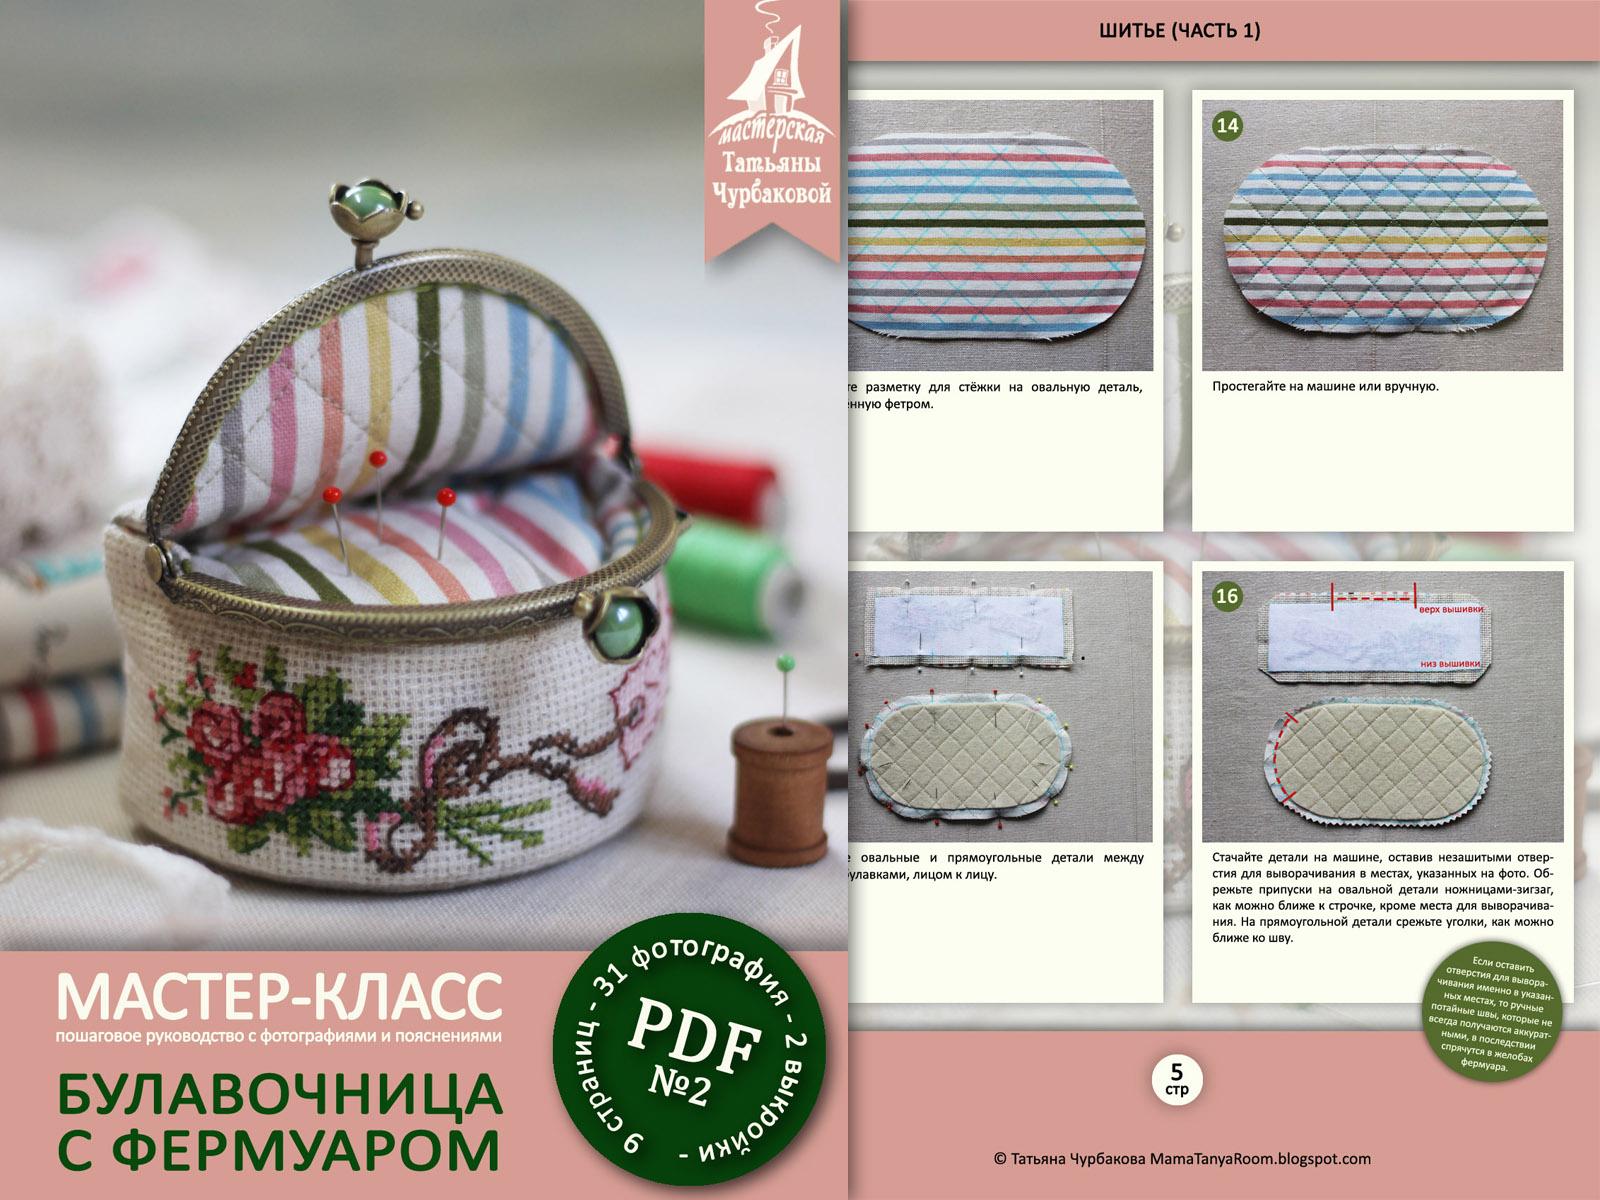 Особенности построения несложных лекал для сумок с